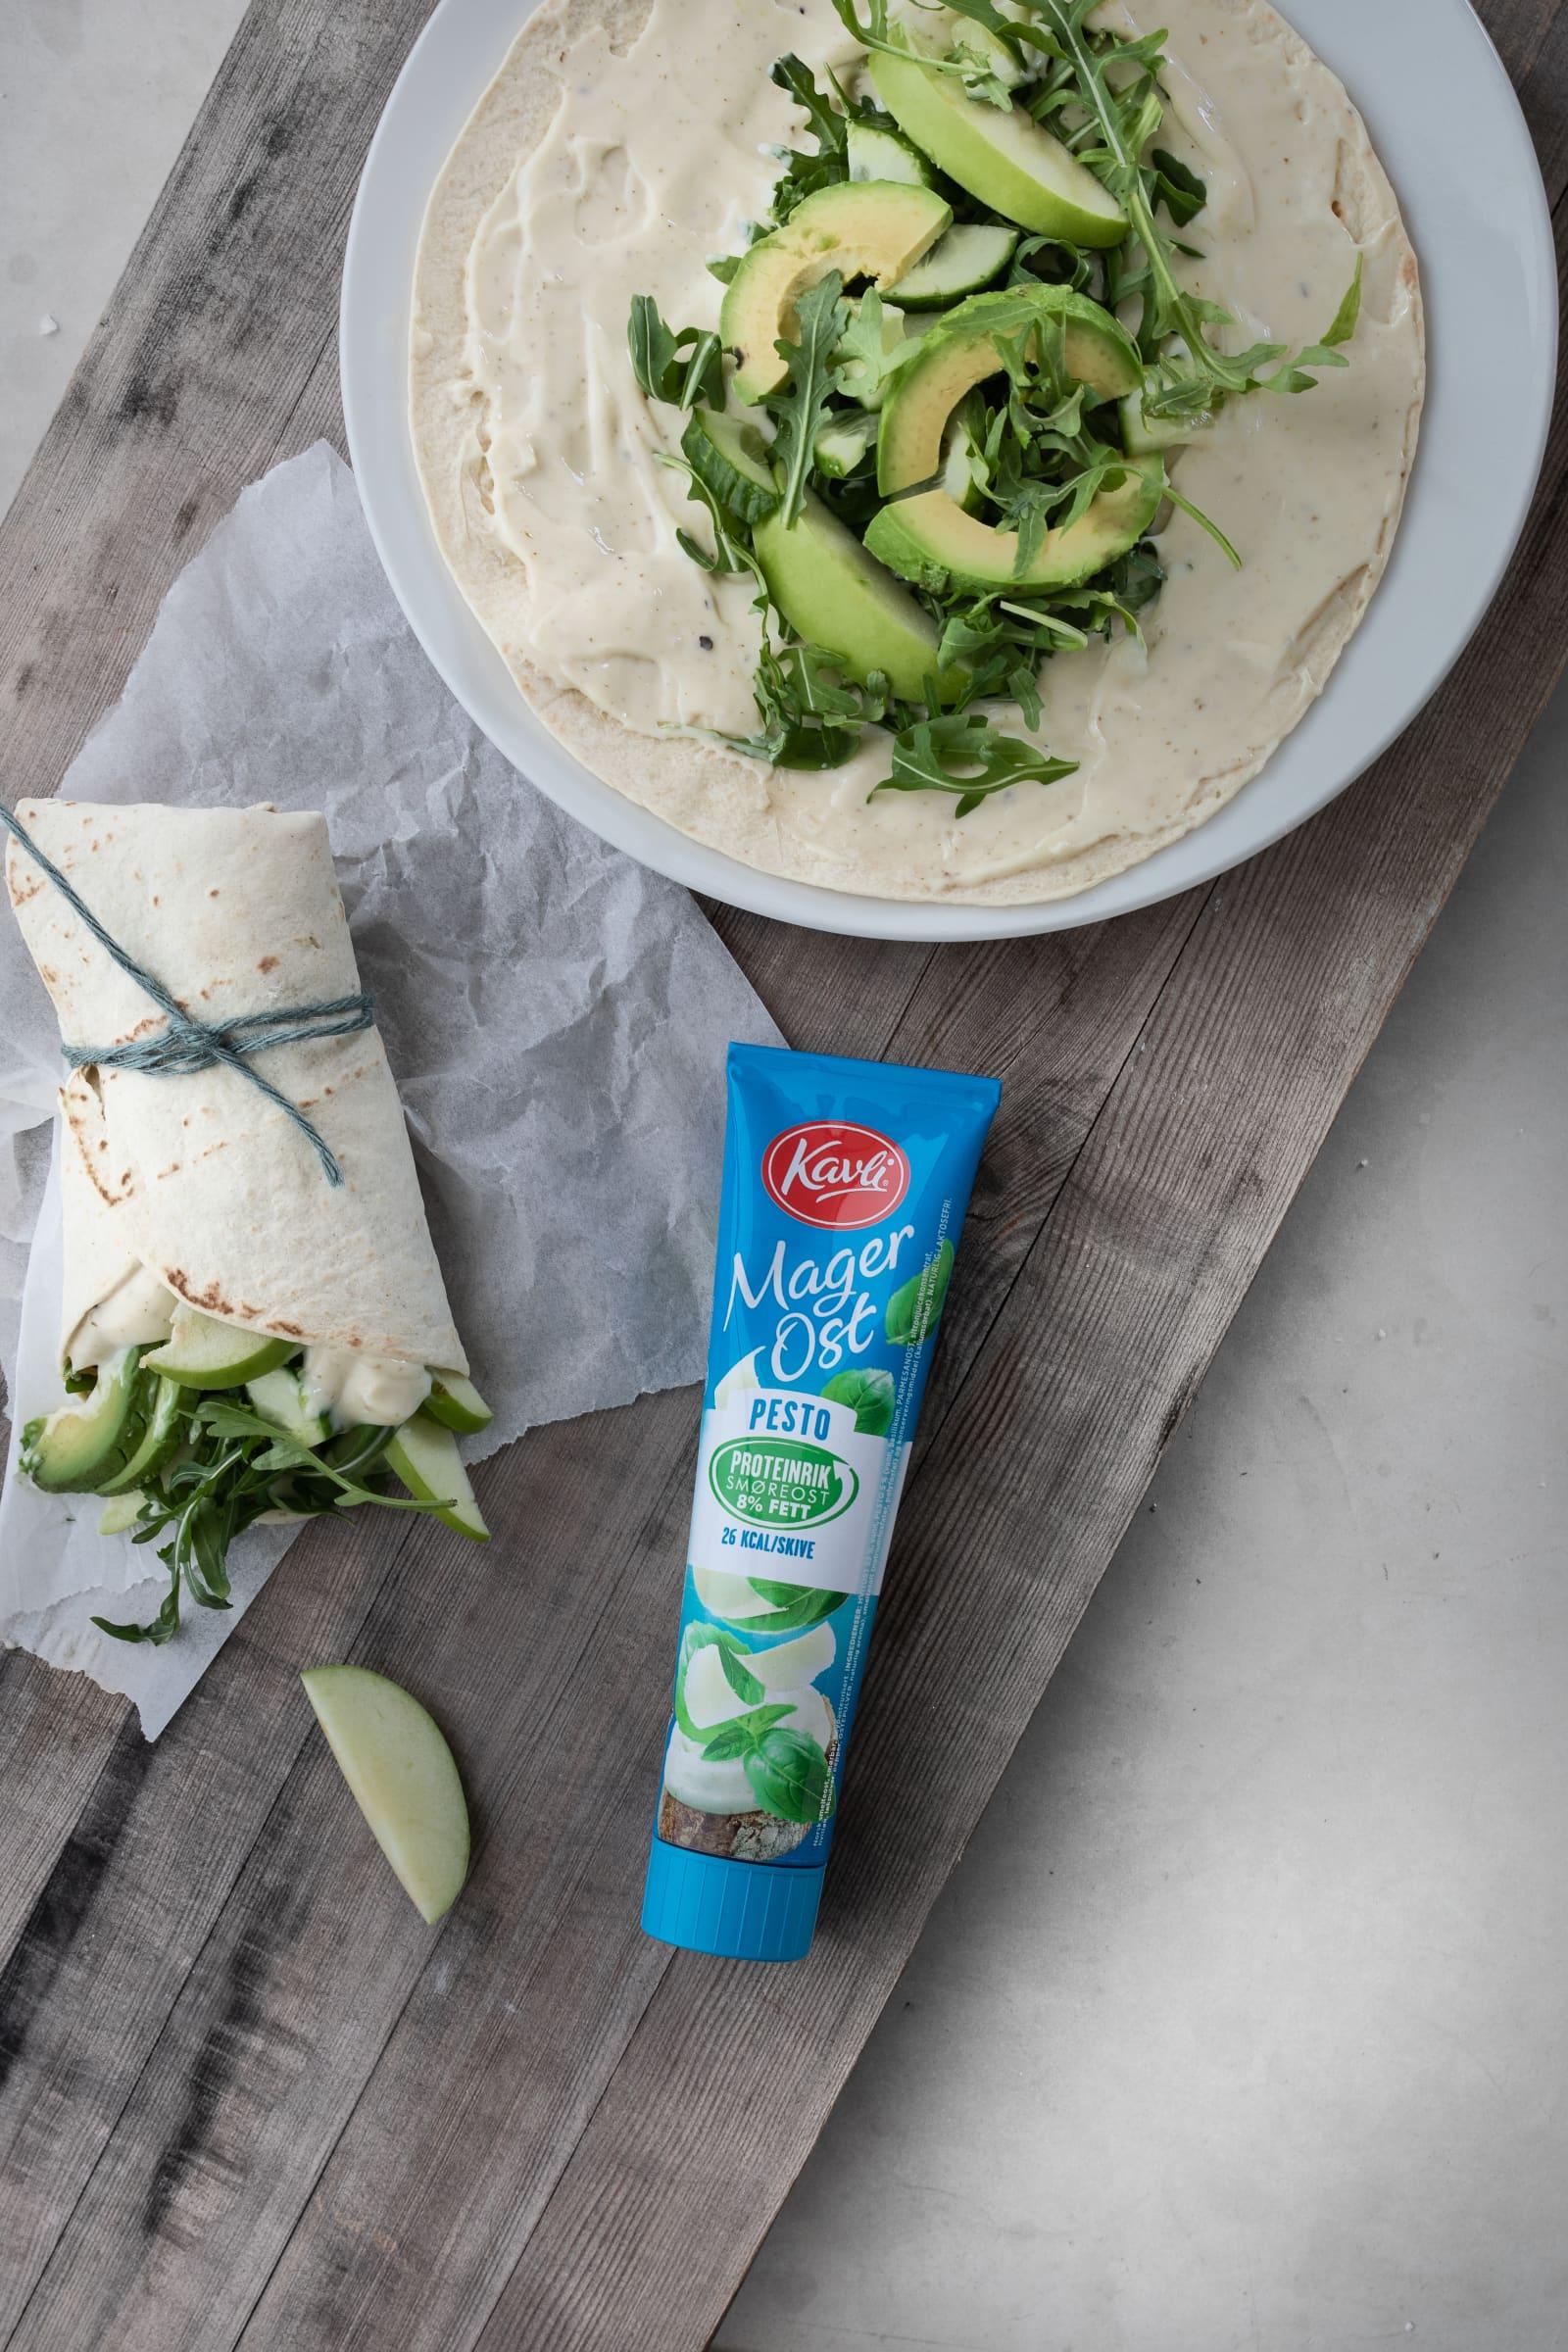 Wrap med Kavli MagerOst Pesto og grønne godsaker som eple, ruccola og avocado